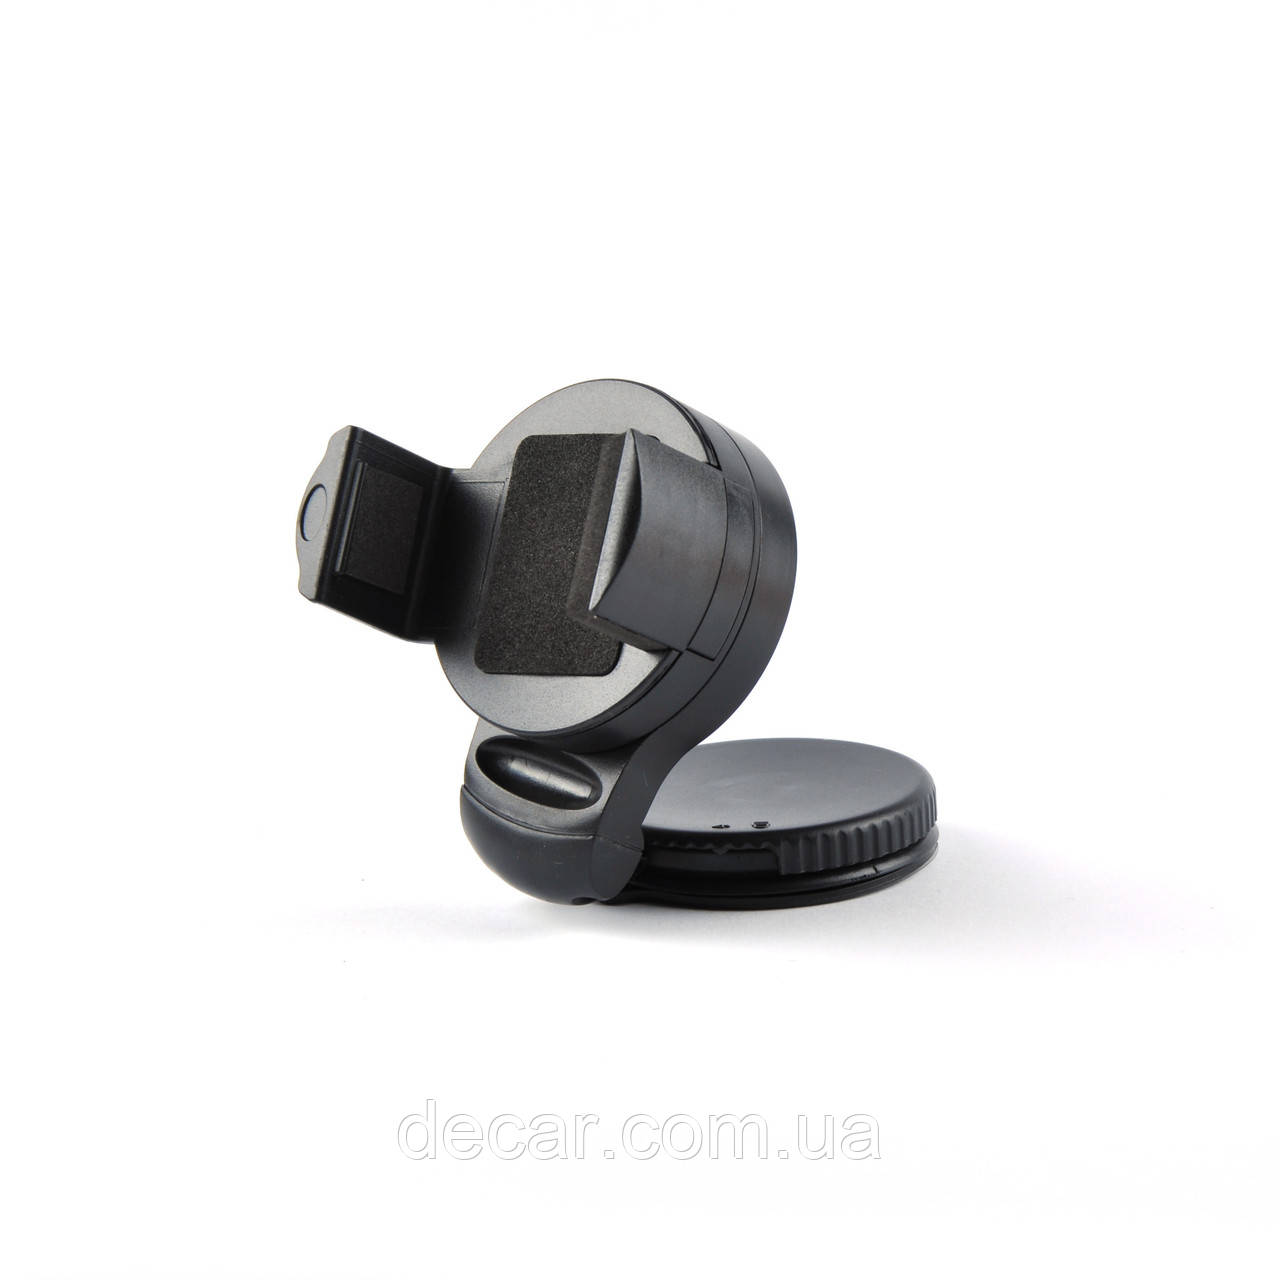 """Автодержатель для телефона """"Откидная ножка """"MINI B  на присоске 360°  black"""